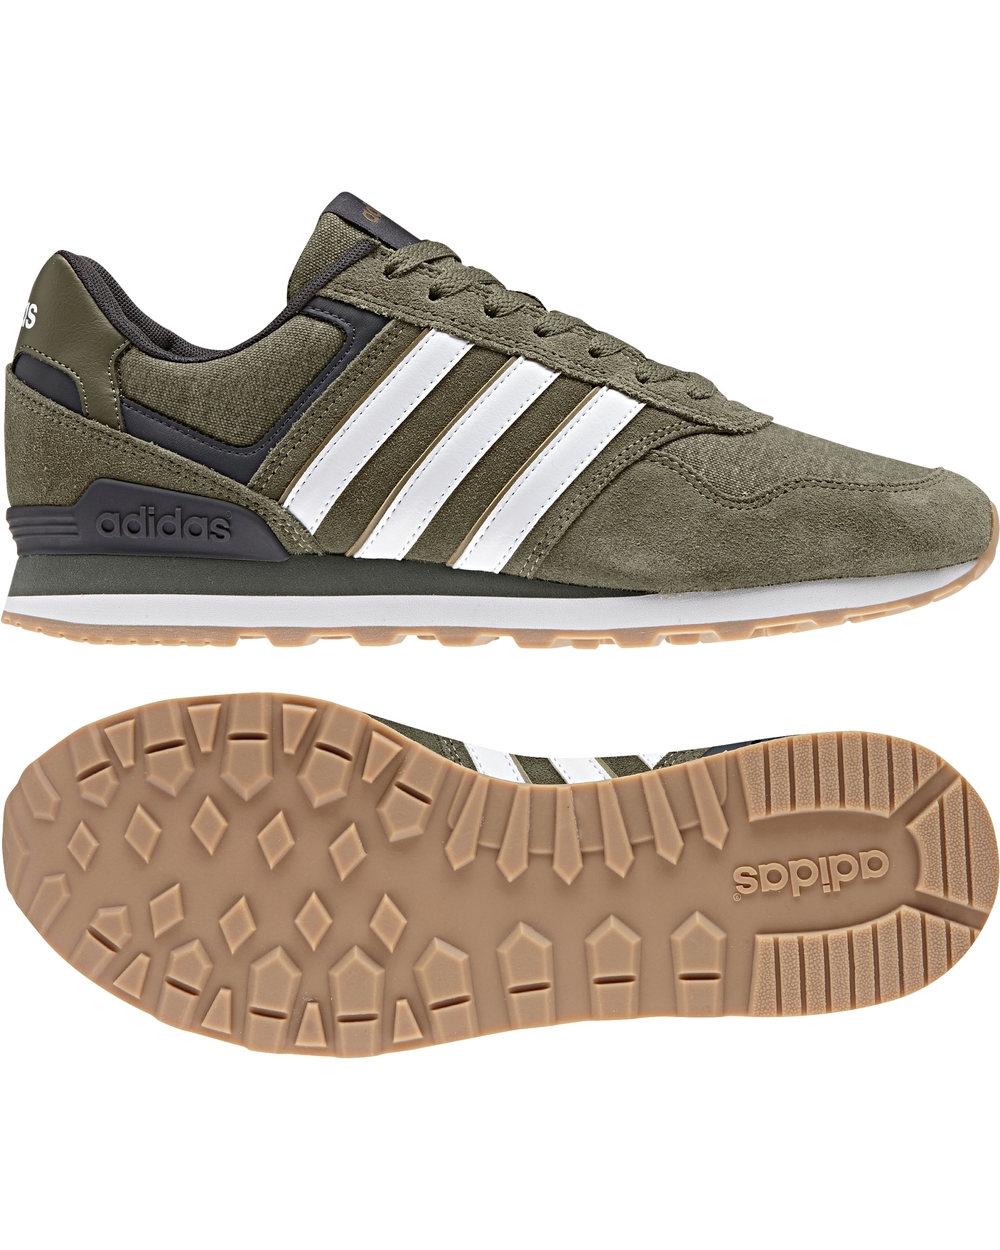 adidas scarpe uomo sneakers